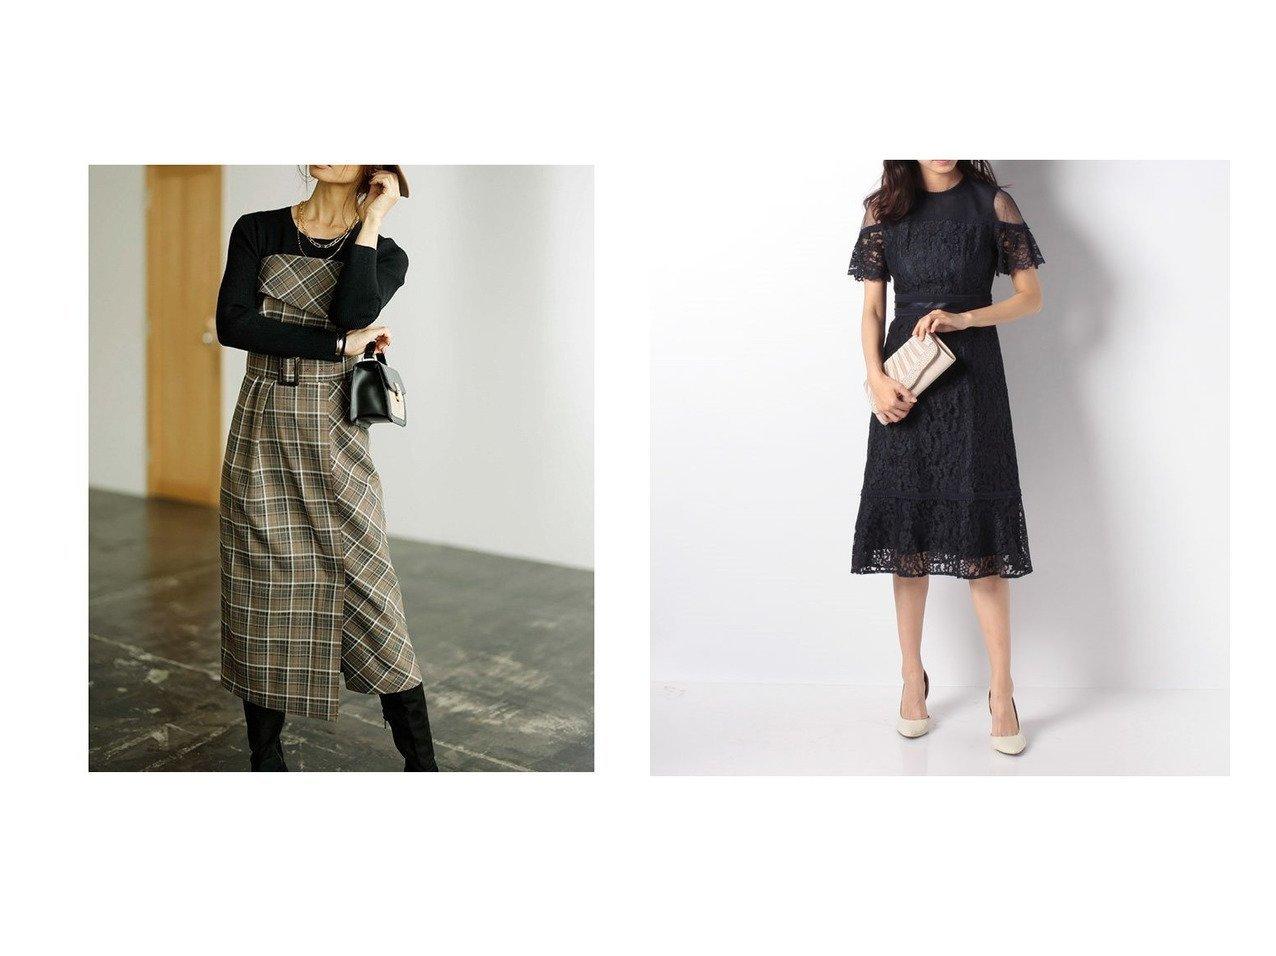 【Apuweiser-riche/アプワイザーリッシェ】の【Apuweiser Luxe】レース切り替えドレス&【JUSGLITTY/ジャスグリッティー】のチェックベアワンピース ワンピース・ドレスのおすすめ!人気、レディースファッションの通販 おすすめで人気のファッション通販商品 インテリア・家具・キッズファッション・メンズファッション・レディースファッション・服の通販 founy(ファニー) https://founy.com/ ファッション Fashion レディース WOMEN ワンピース Dress ドレス Party Dresses チェック フェミニン エレガント チュール ドレス レース |ID:crp329100000001814